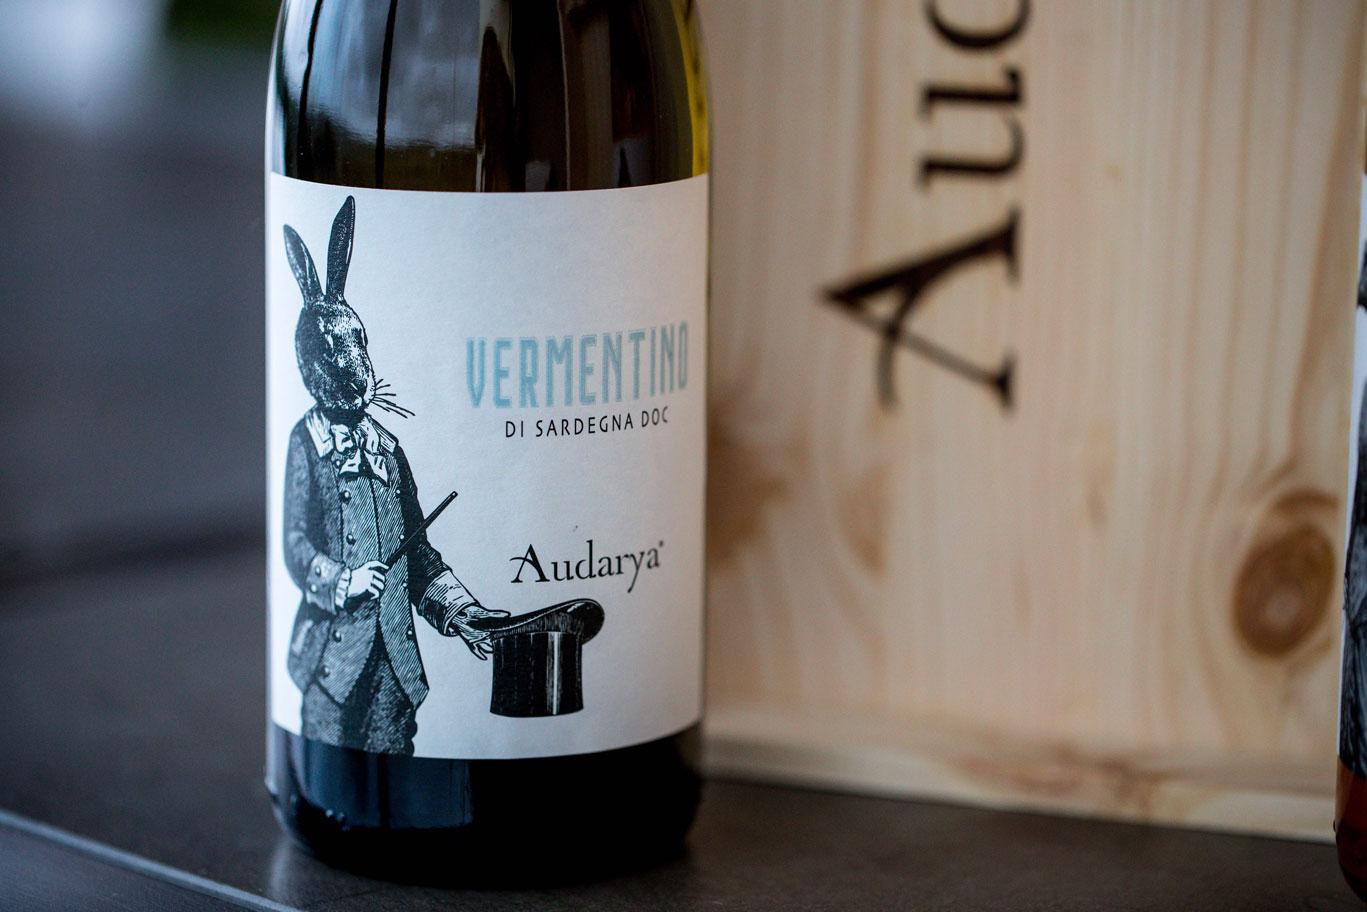 fermentino di Sardegna doc Audarya coniglio vino